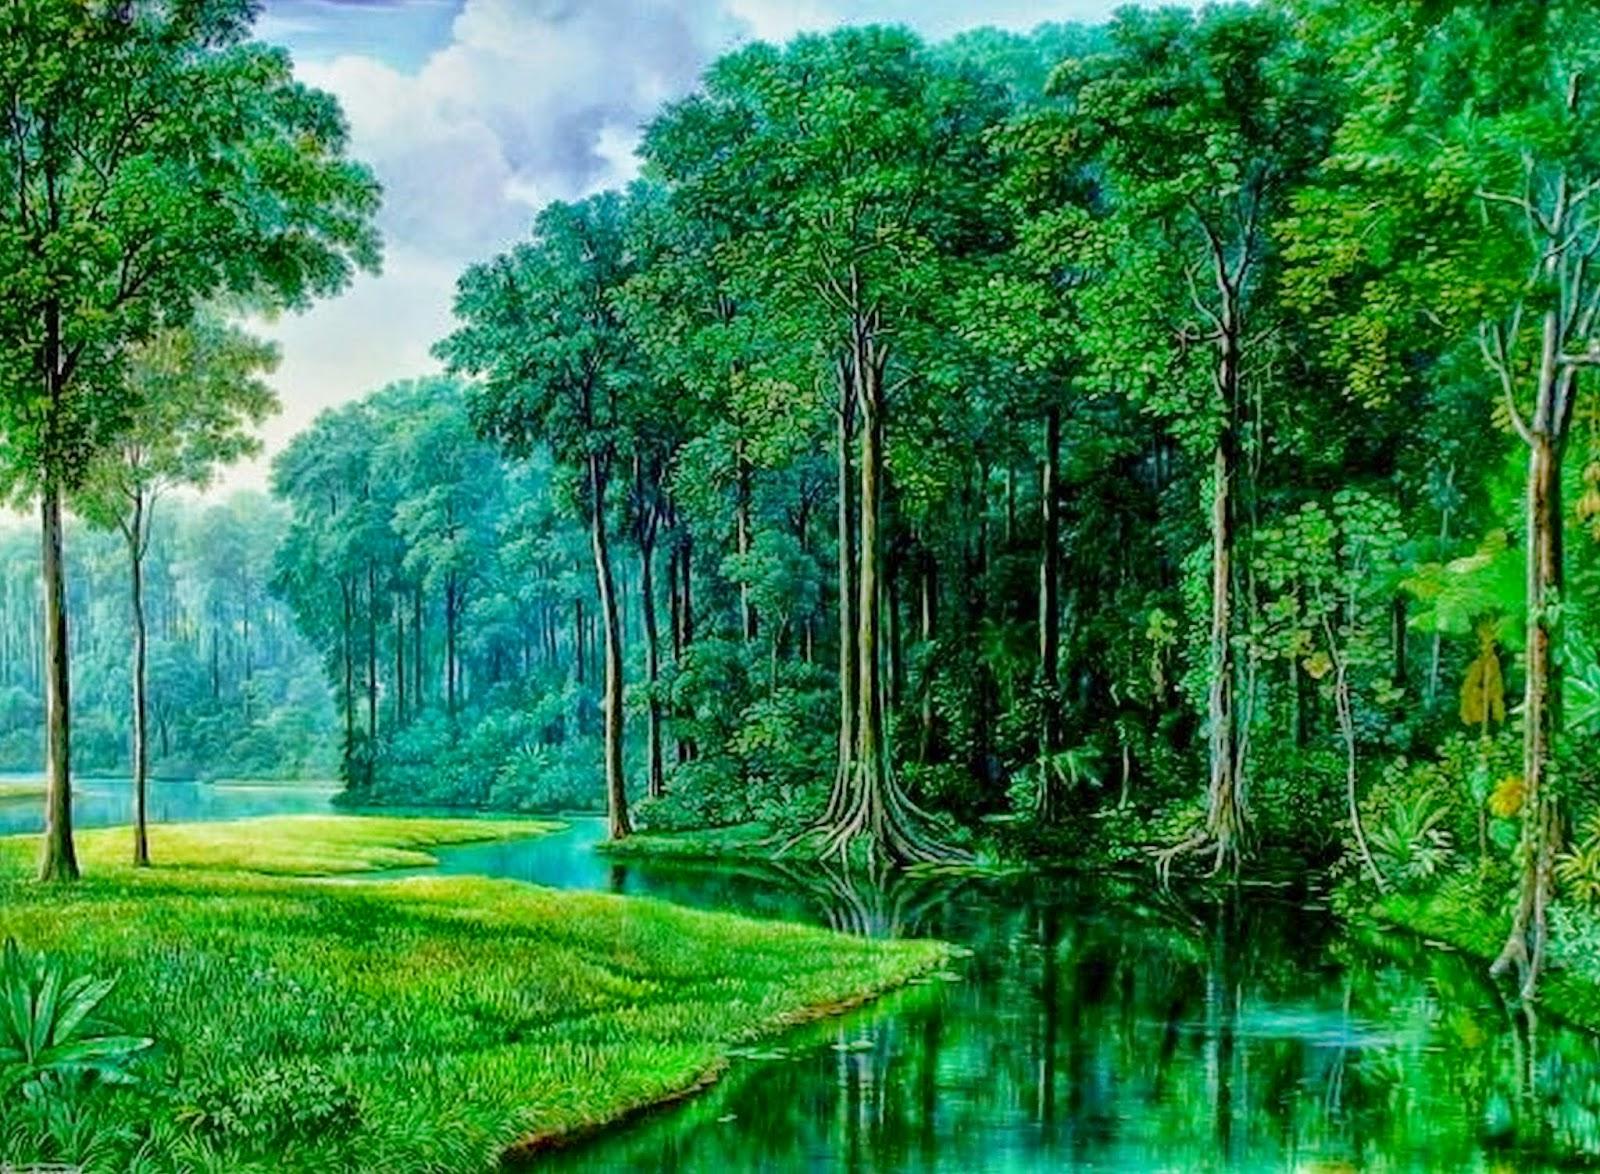 fotografias-de-paisajes-naturales-imagenes-al-oleo